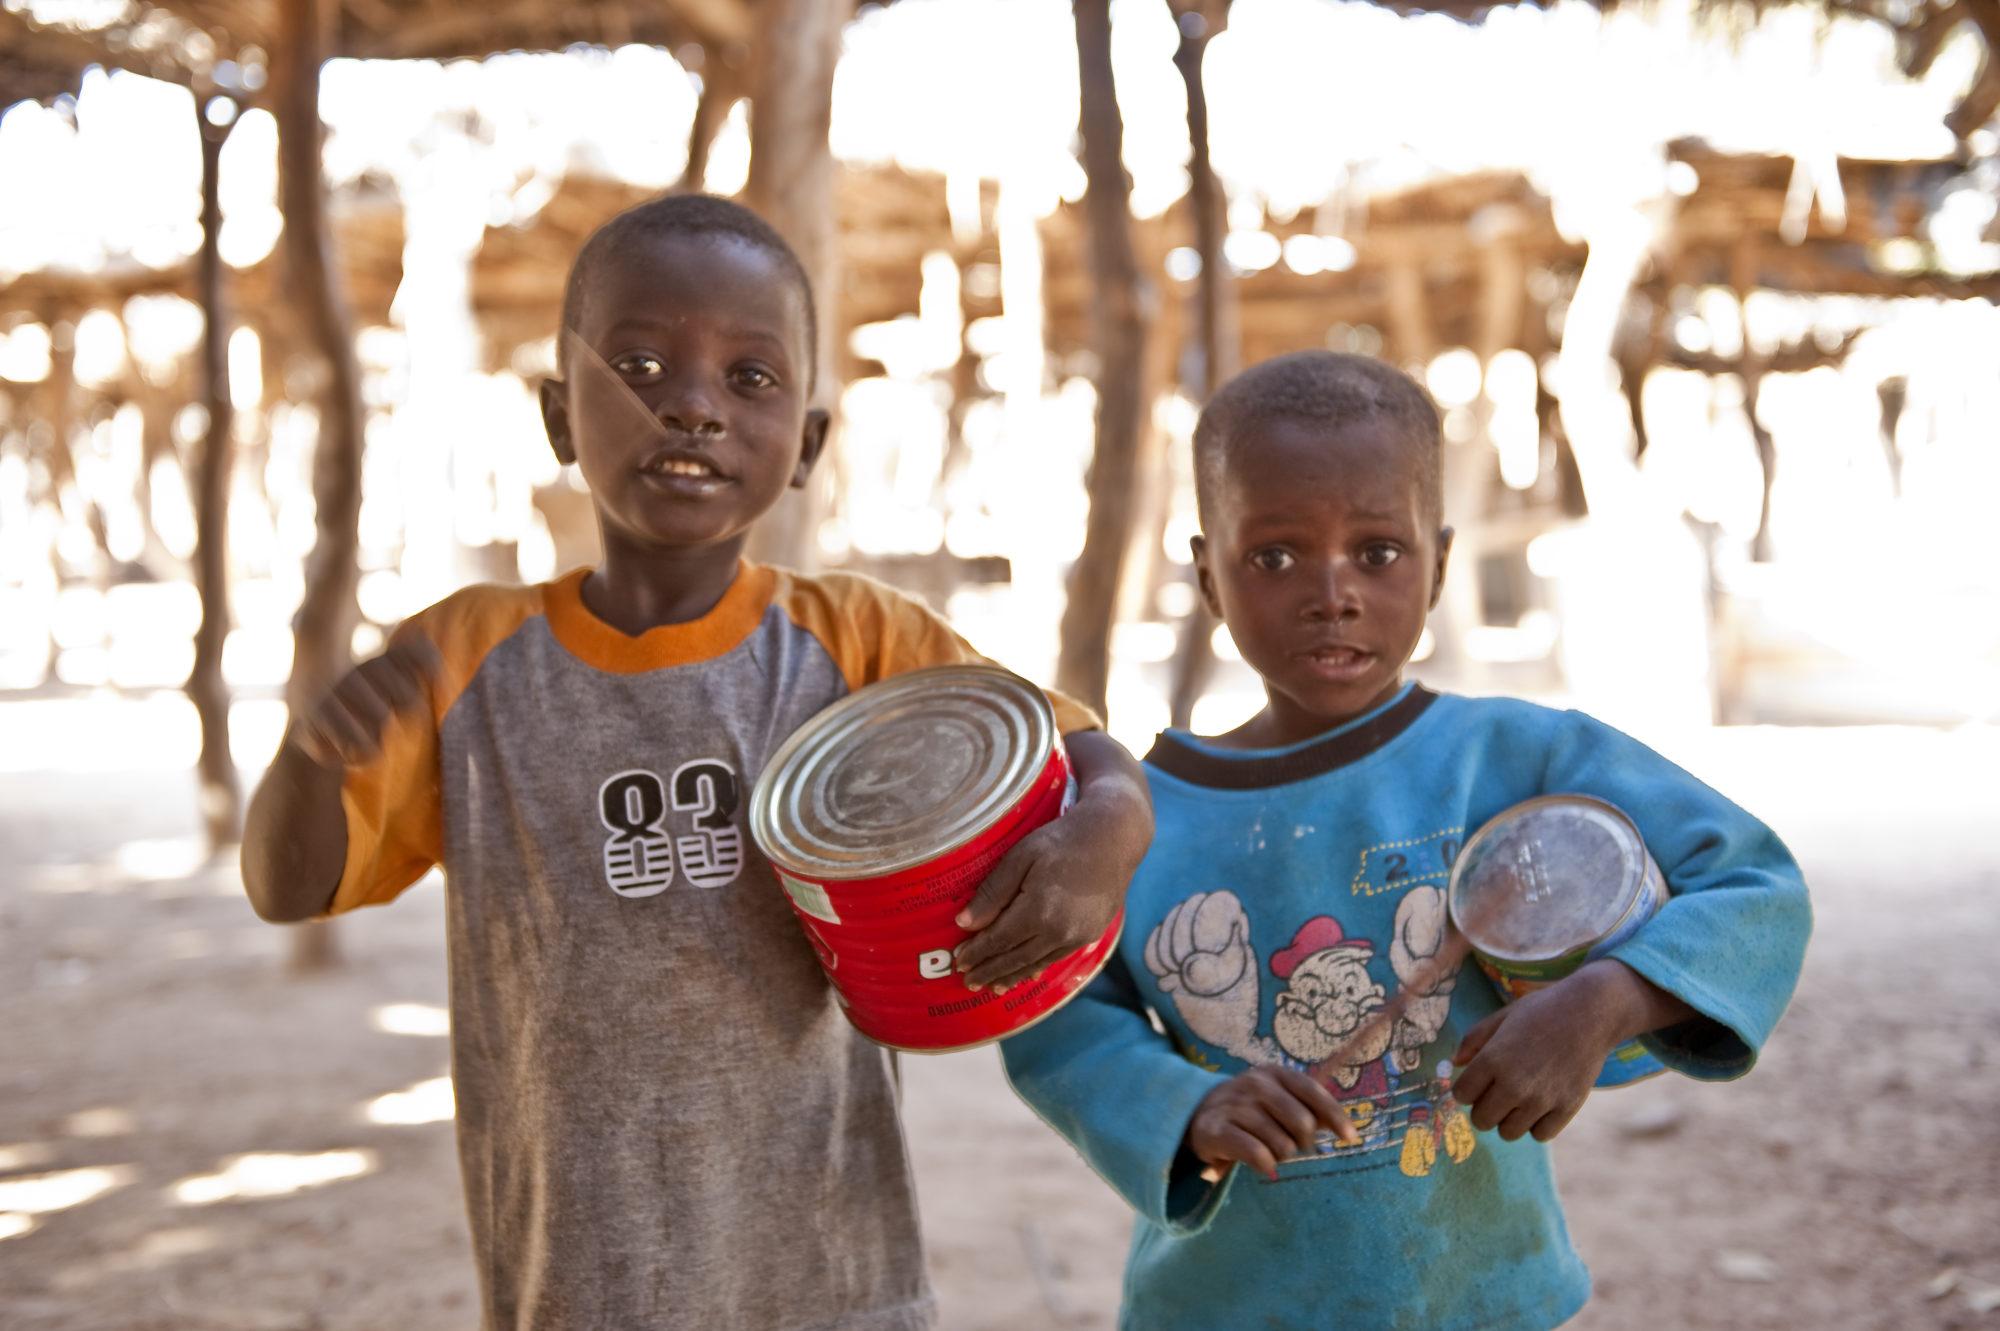 Bambini Che Giocano Con Delle Lattine Fotografo Brescia Ottavio